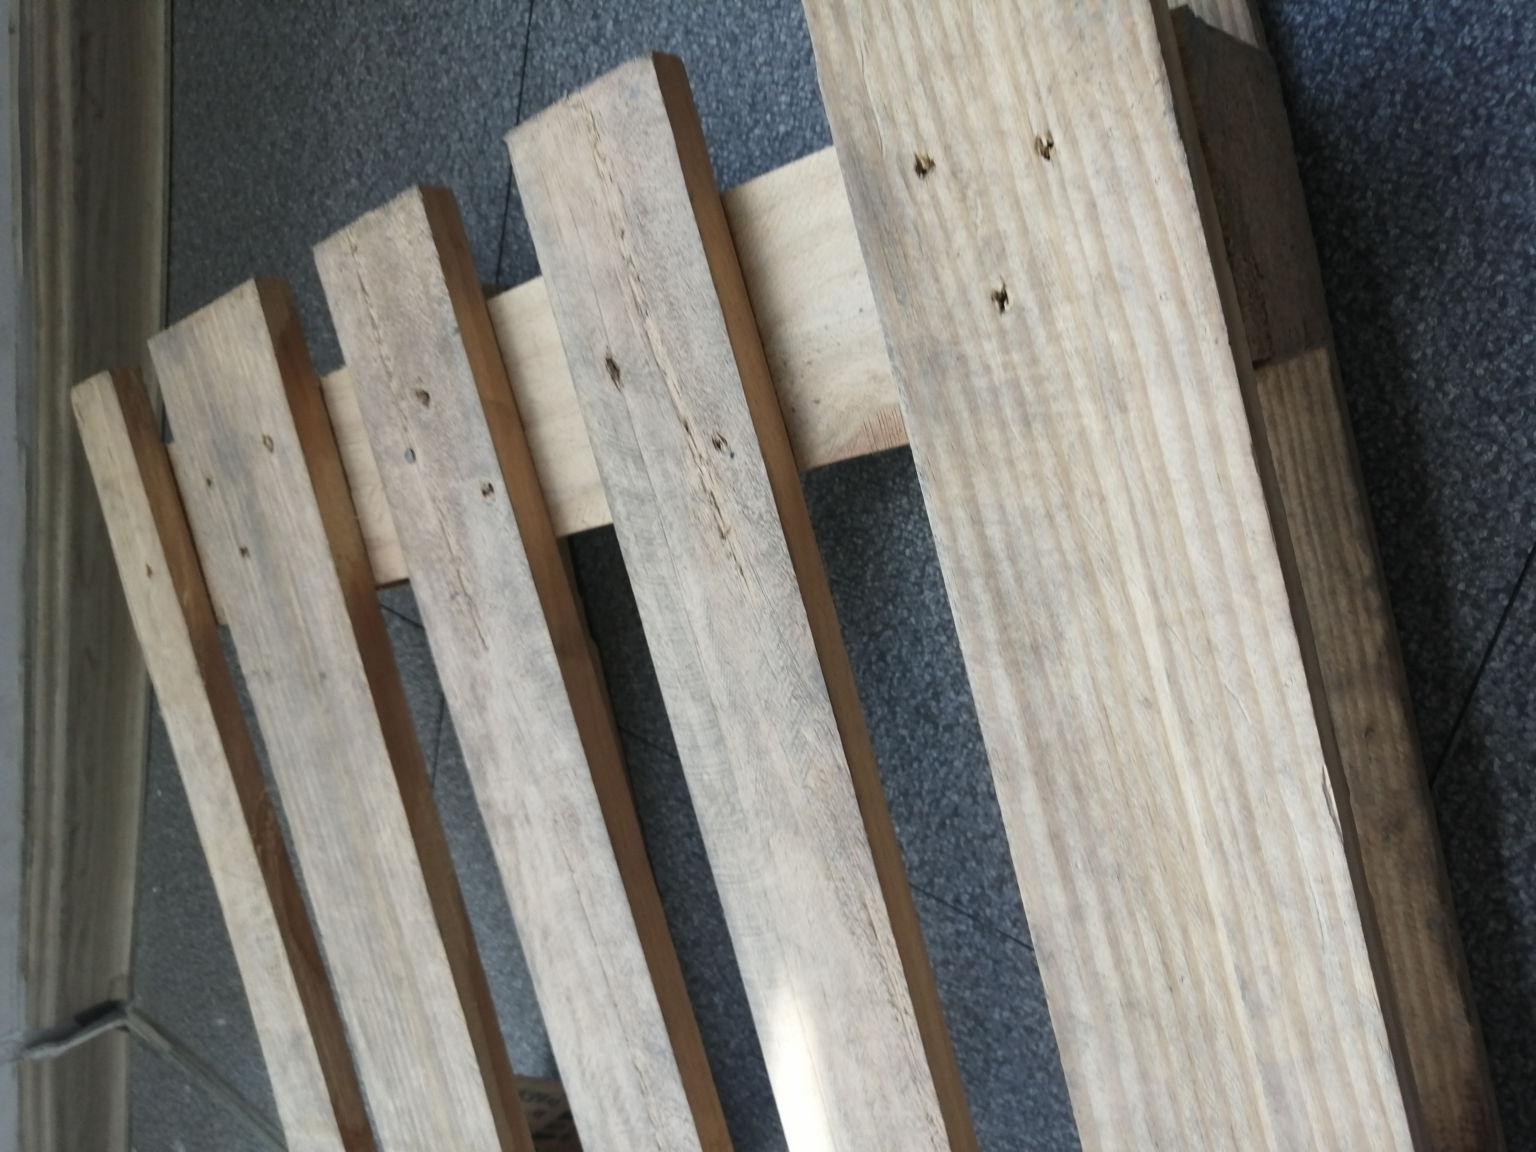 杨木?,*㊅?装木托盘厂家-杨木?,☢☠プ└?装木托盘厂家、公司、?,✄☀✐❤?业